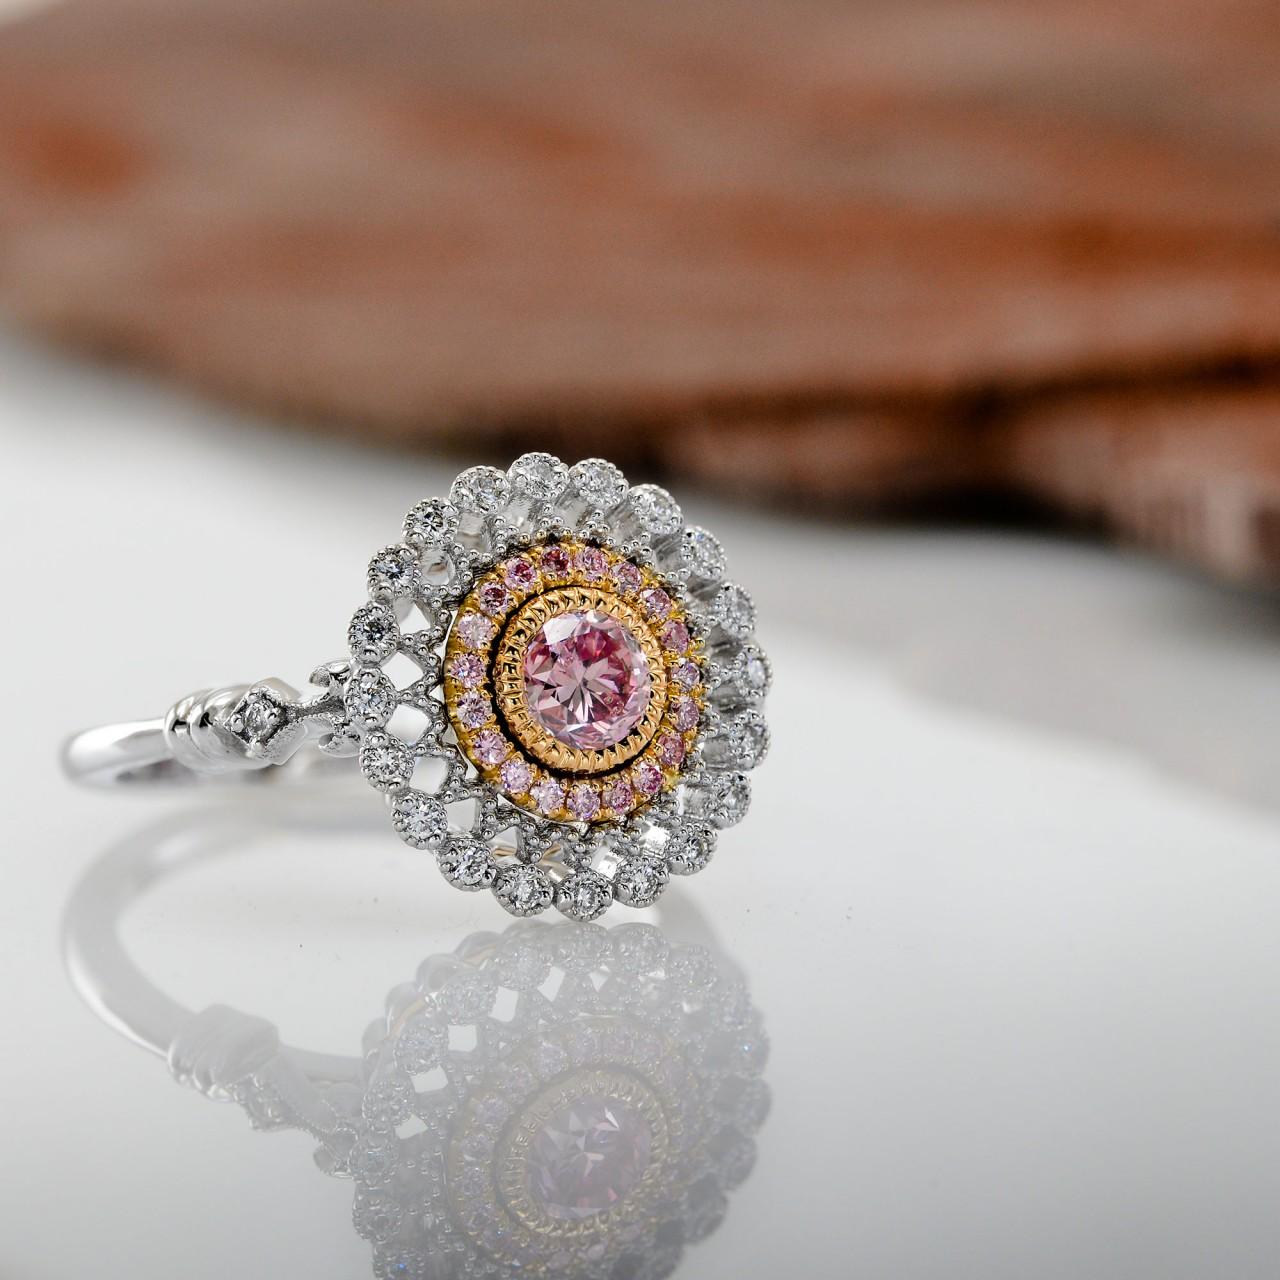 Argyle Fancy Intense Purplish Pink Diamond Ring